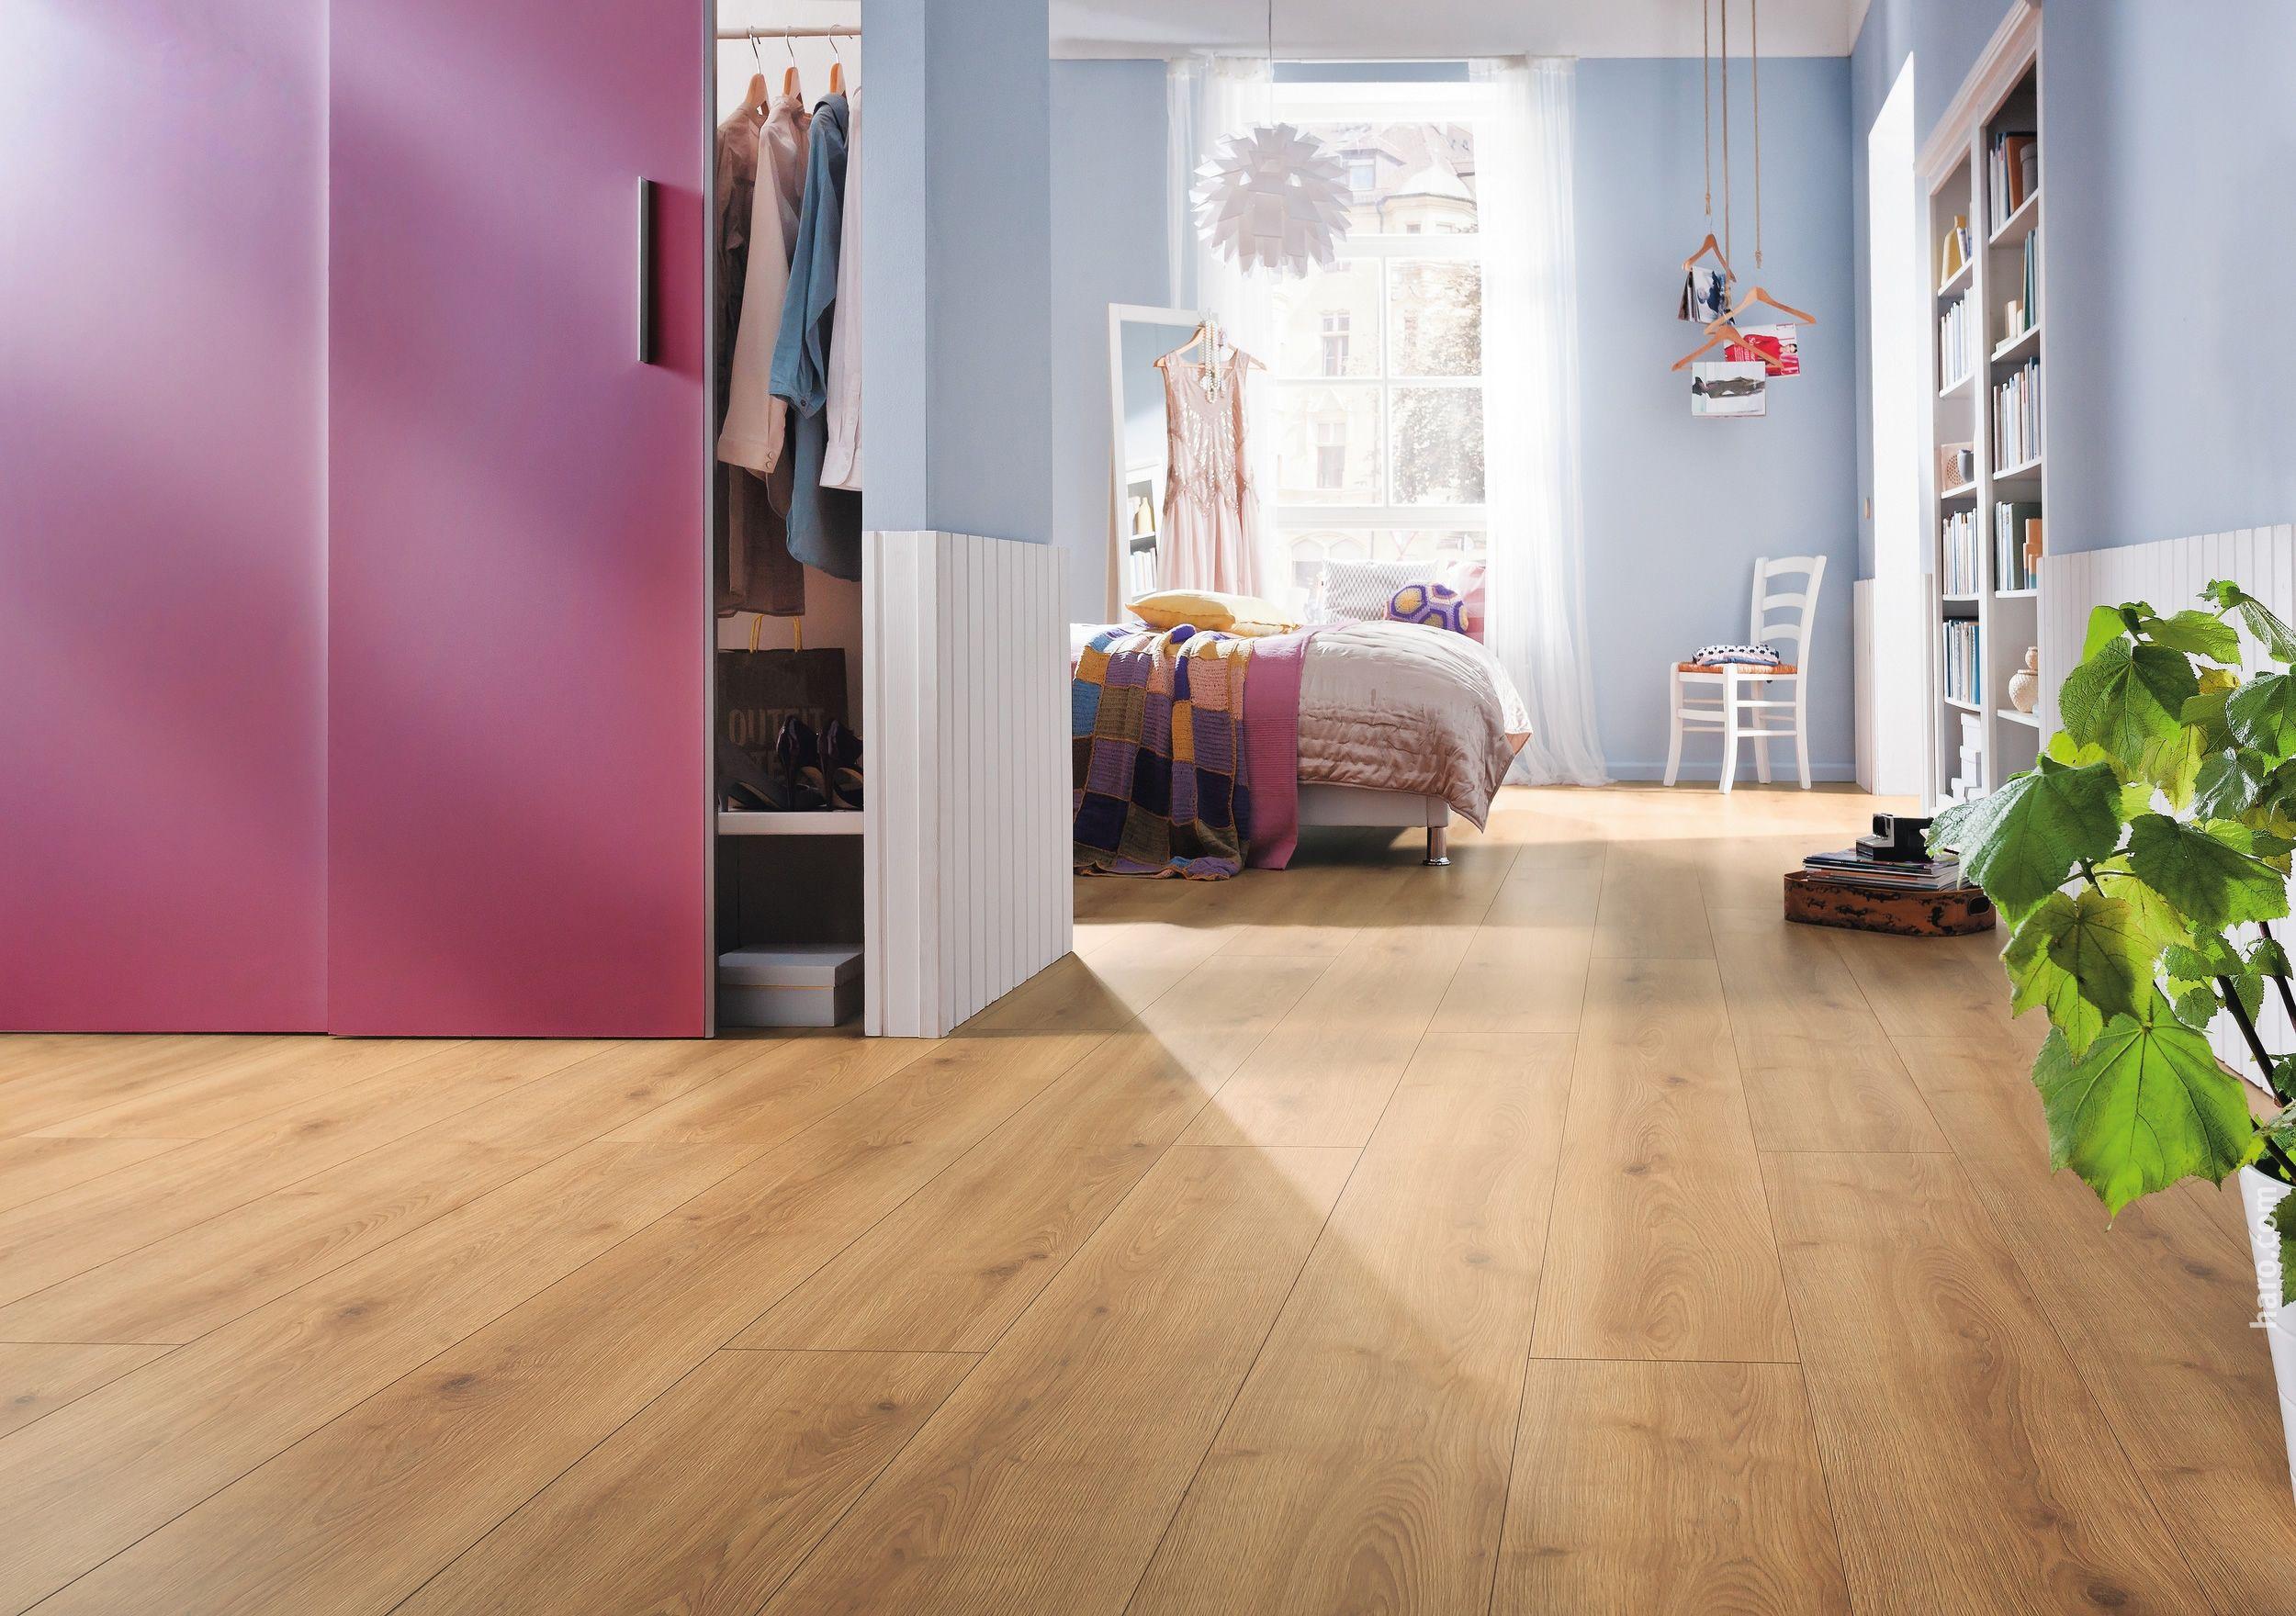 Haro Tritty 100 Alpineiche Natur haro laminate floor tritty 100 plank 1 4v oak portland puro